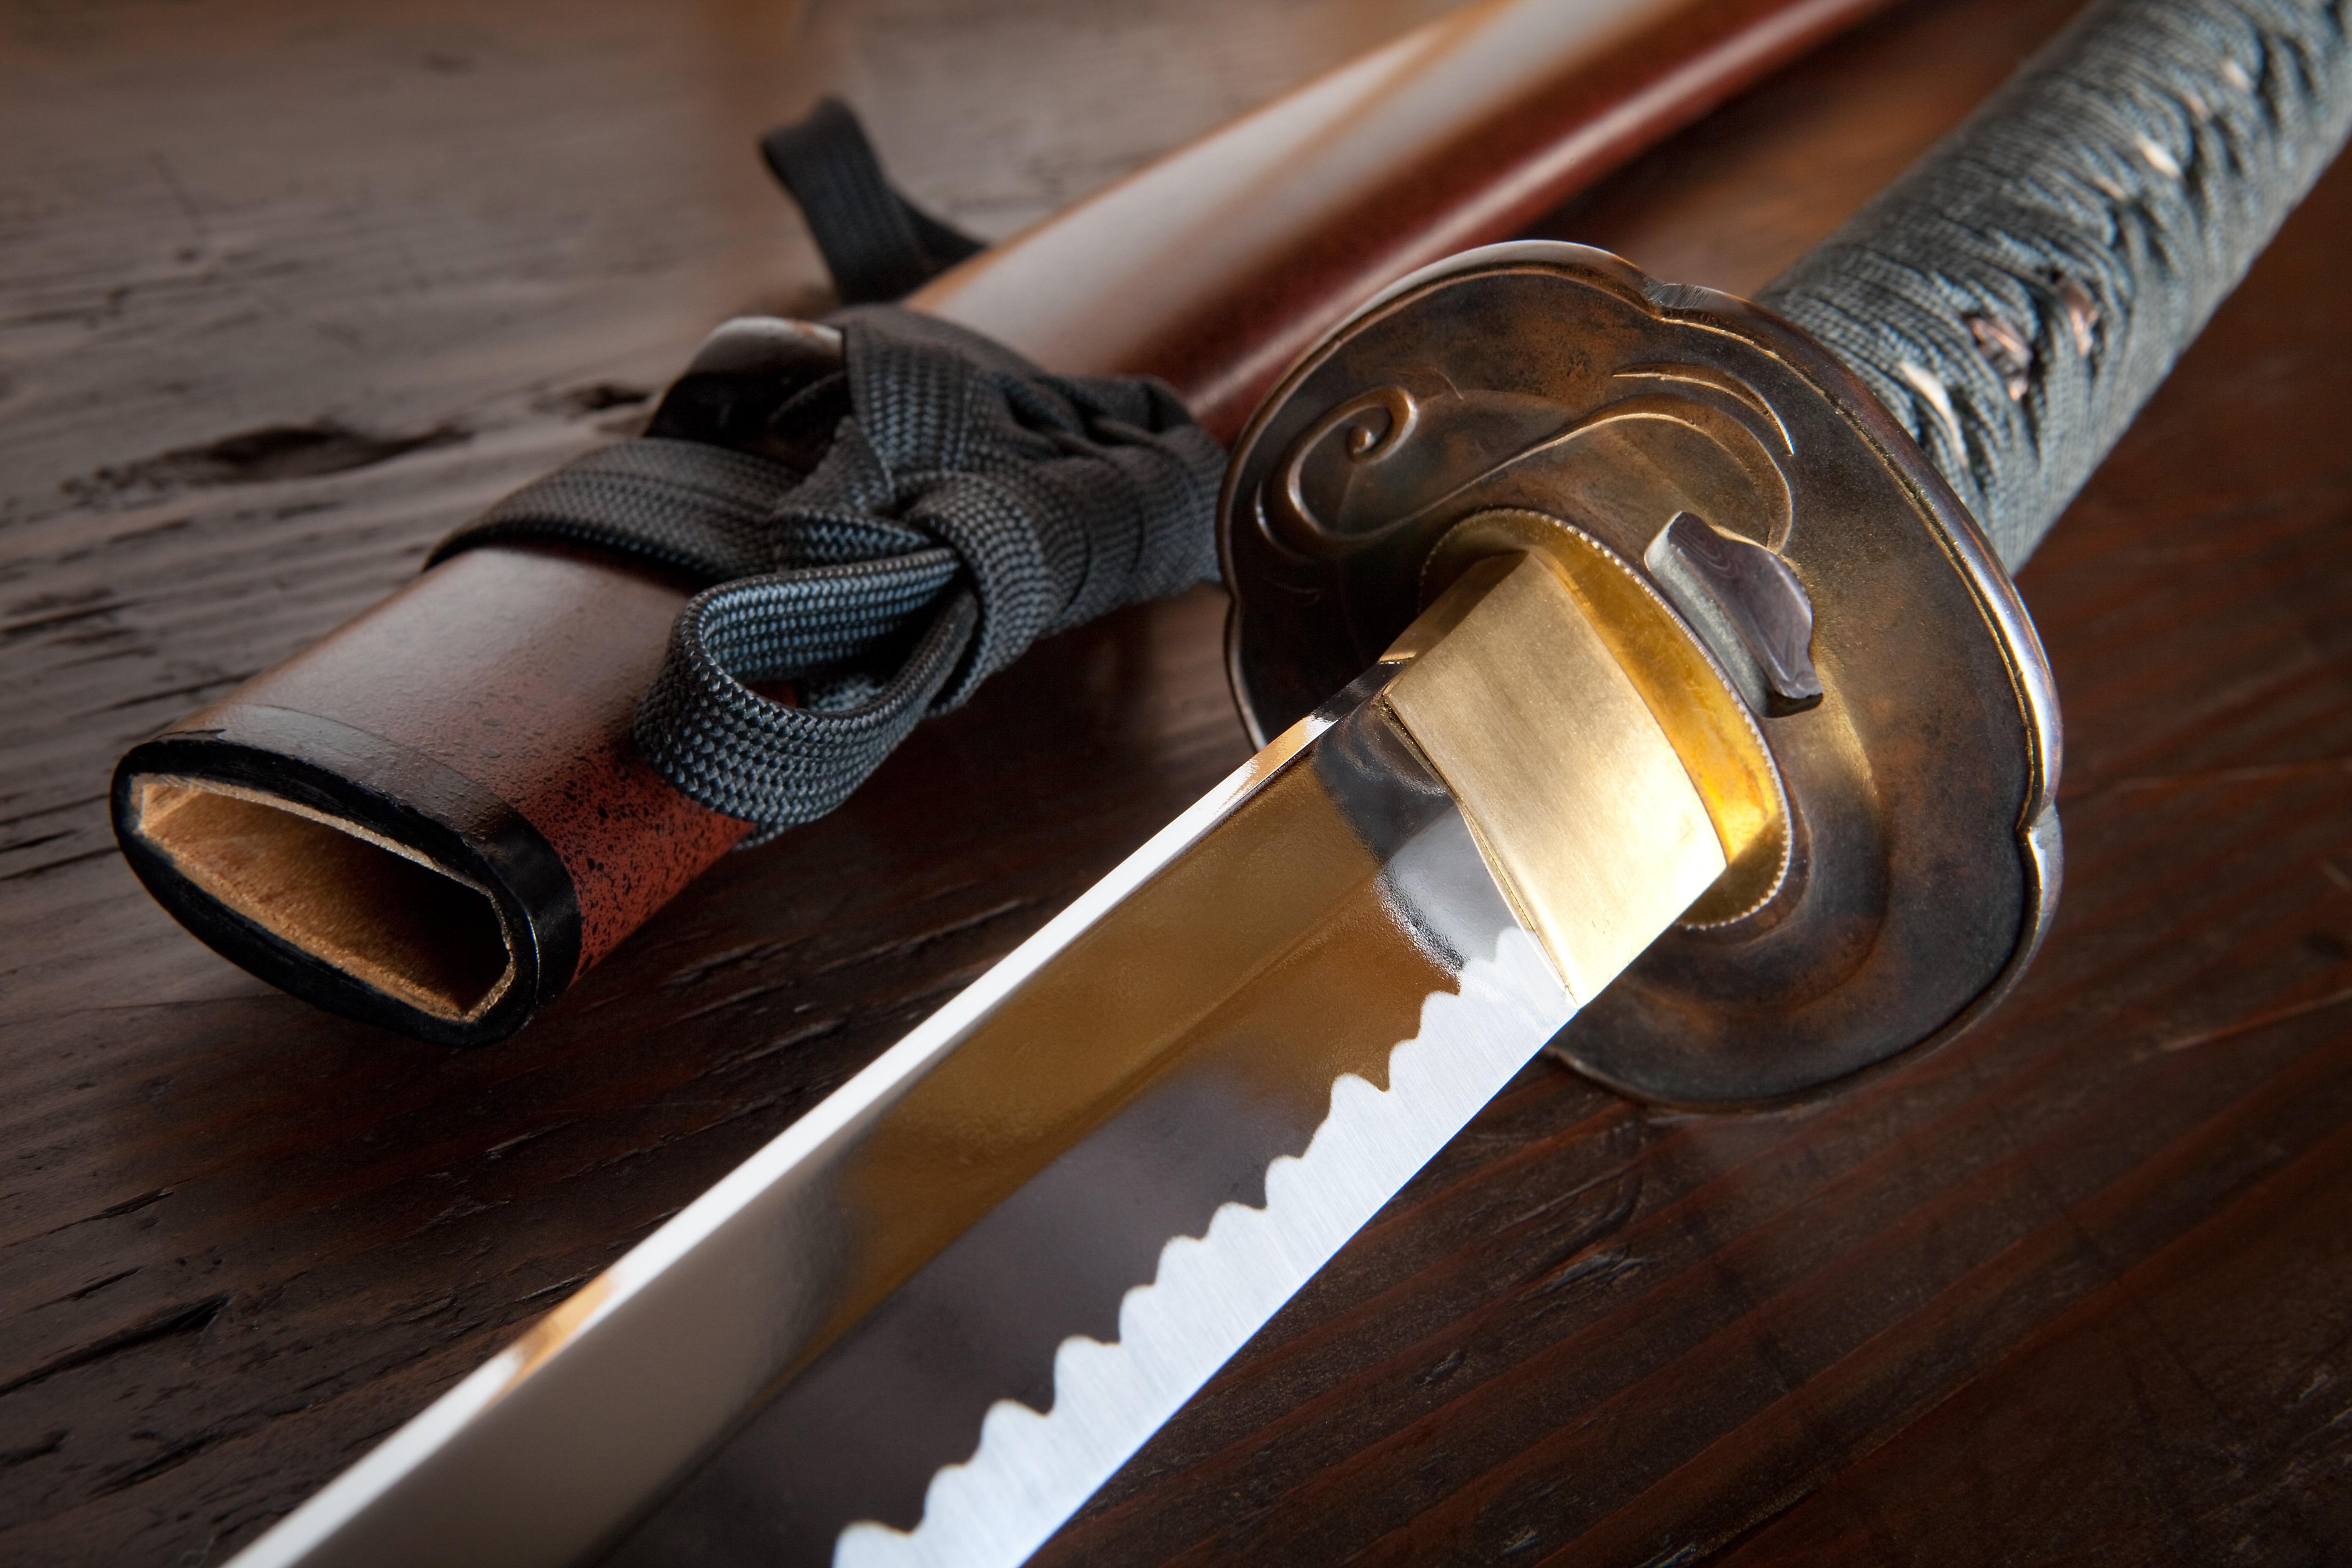 Three Samurai swords and numerous firearms stolen in break-in near Port Loring